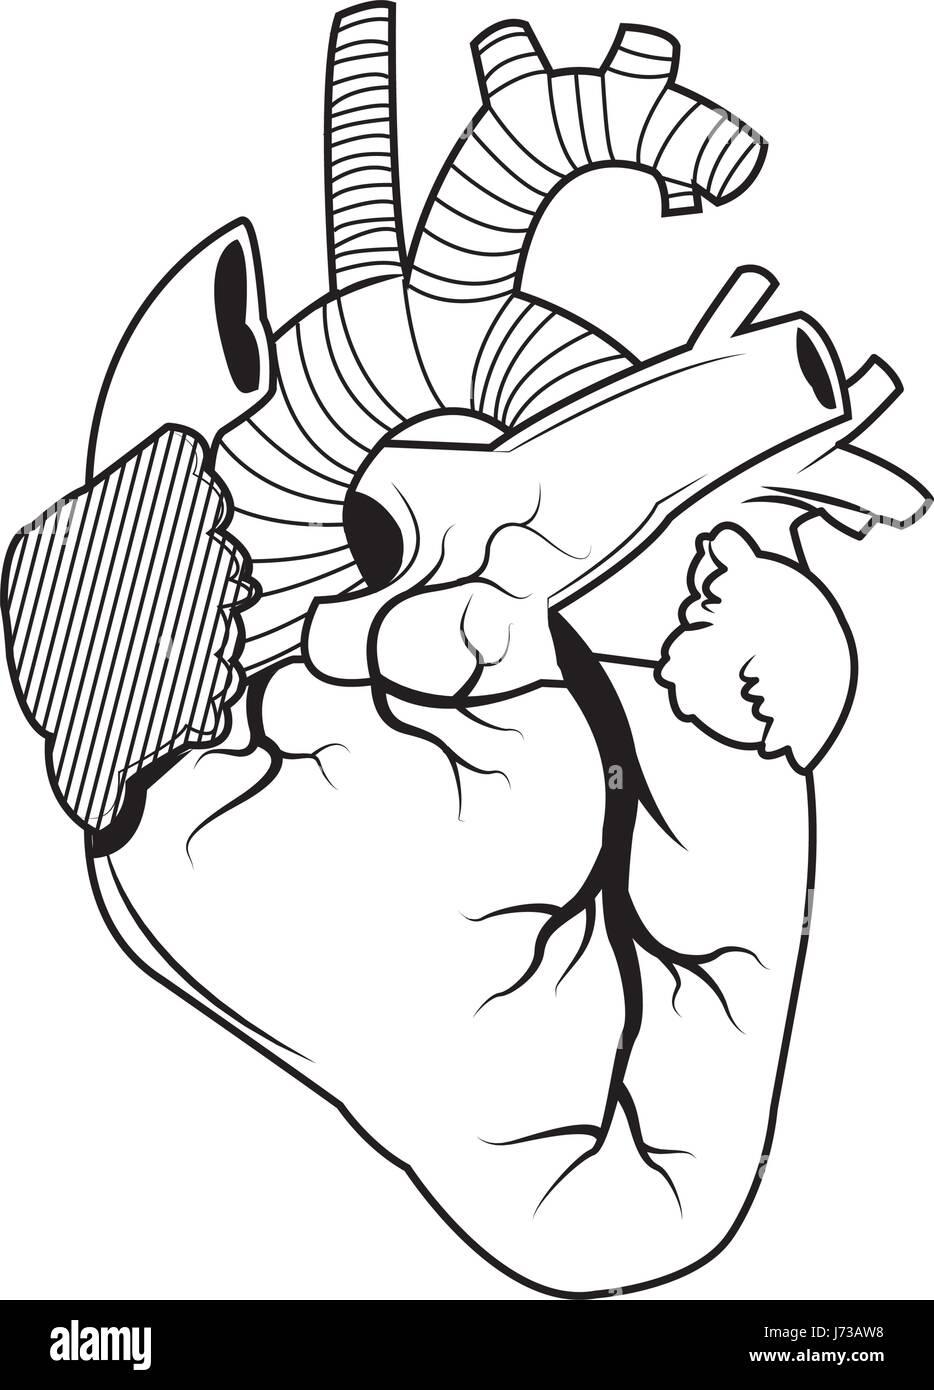 Tolle Herzanatomie Malvorlagen Ideen - Anatomie Ideen - finotti.info